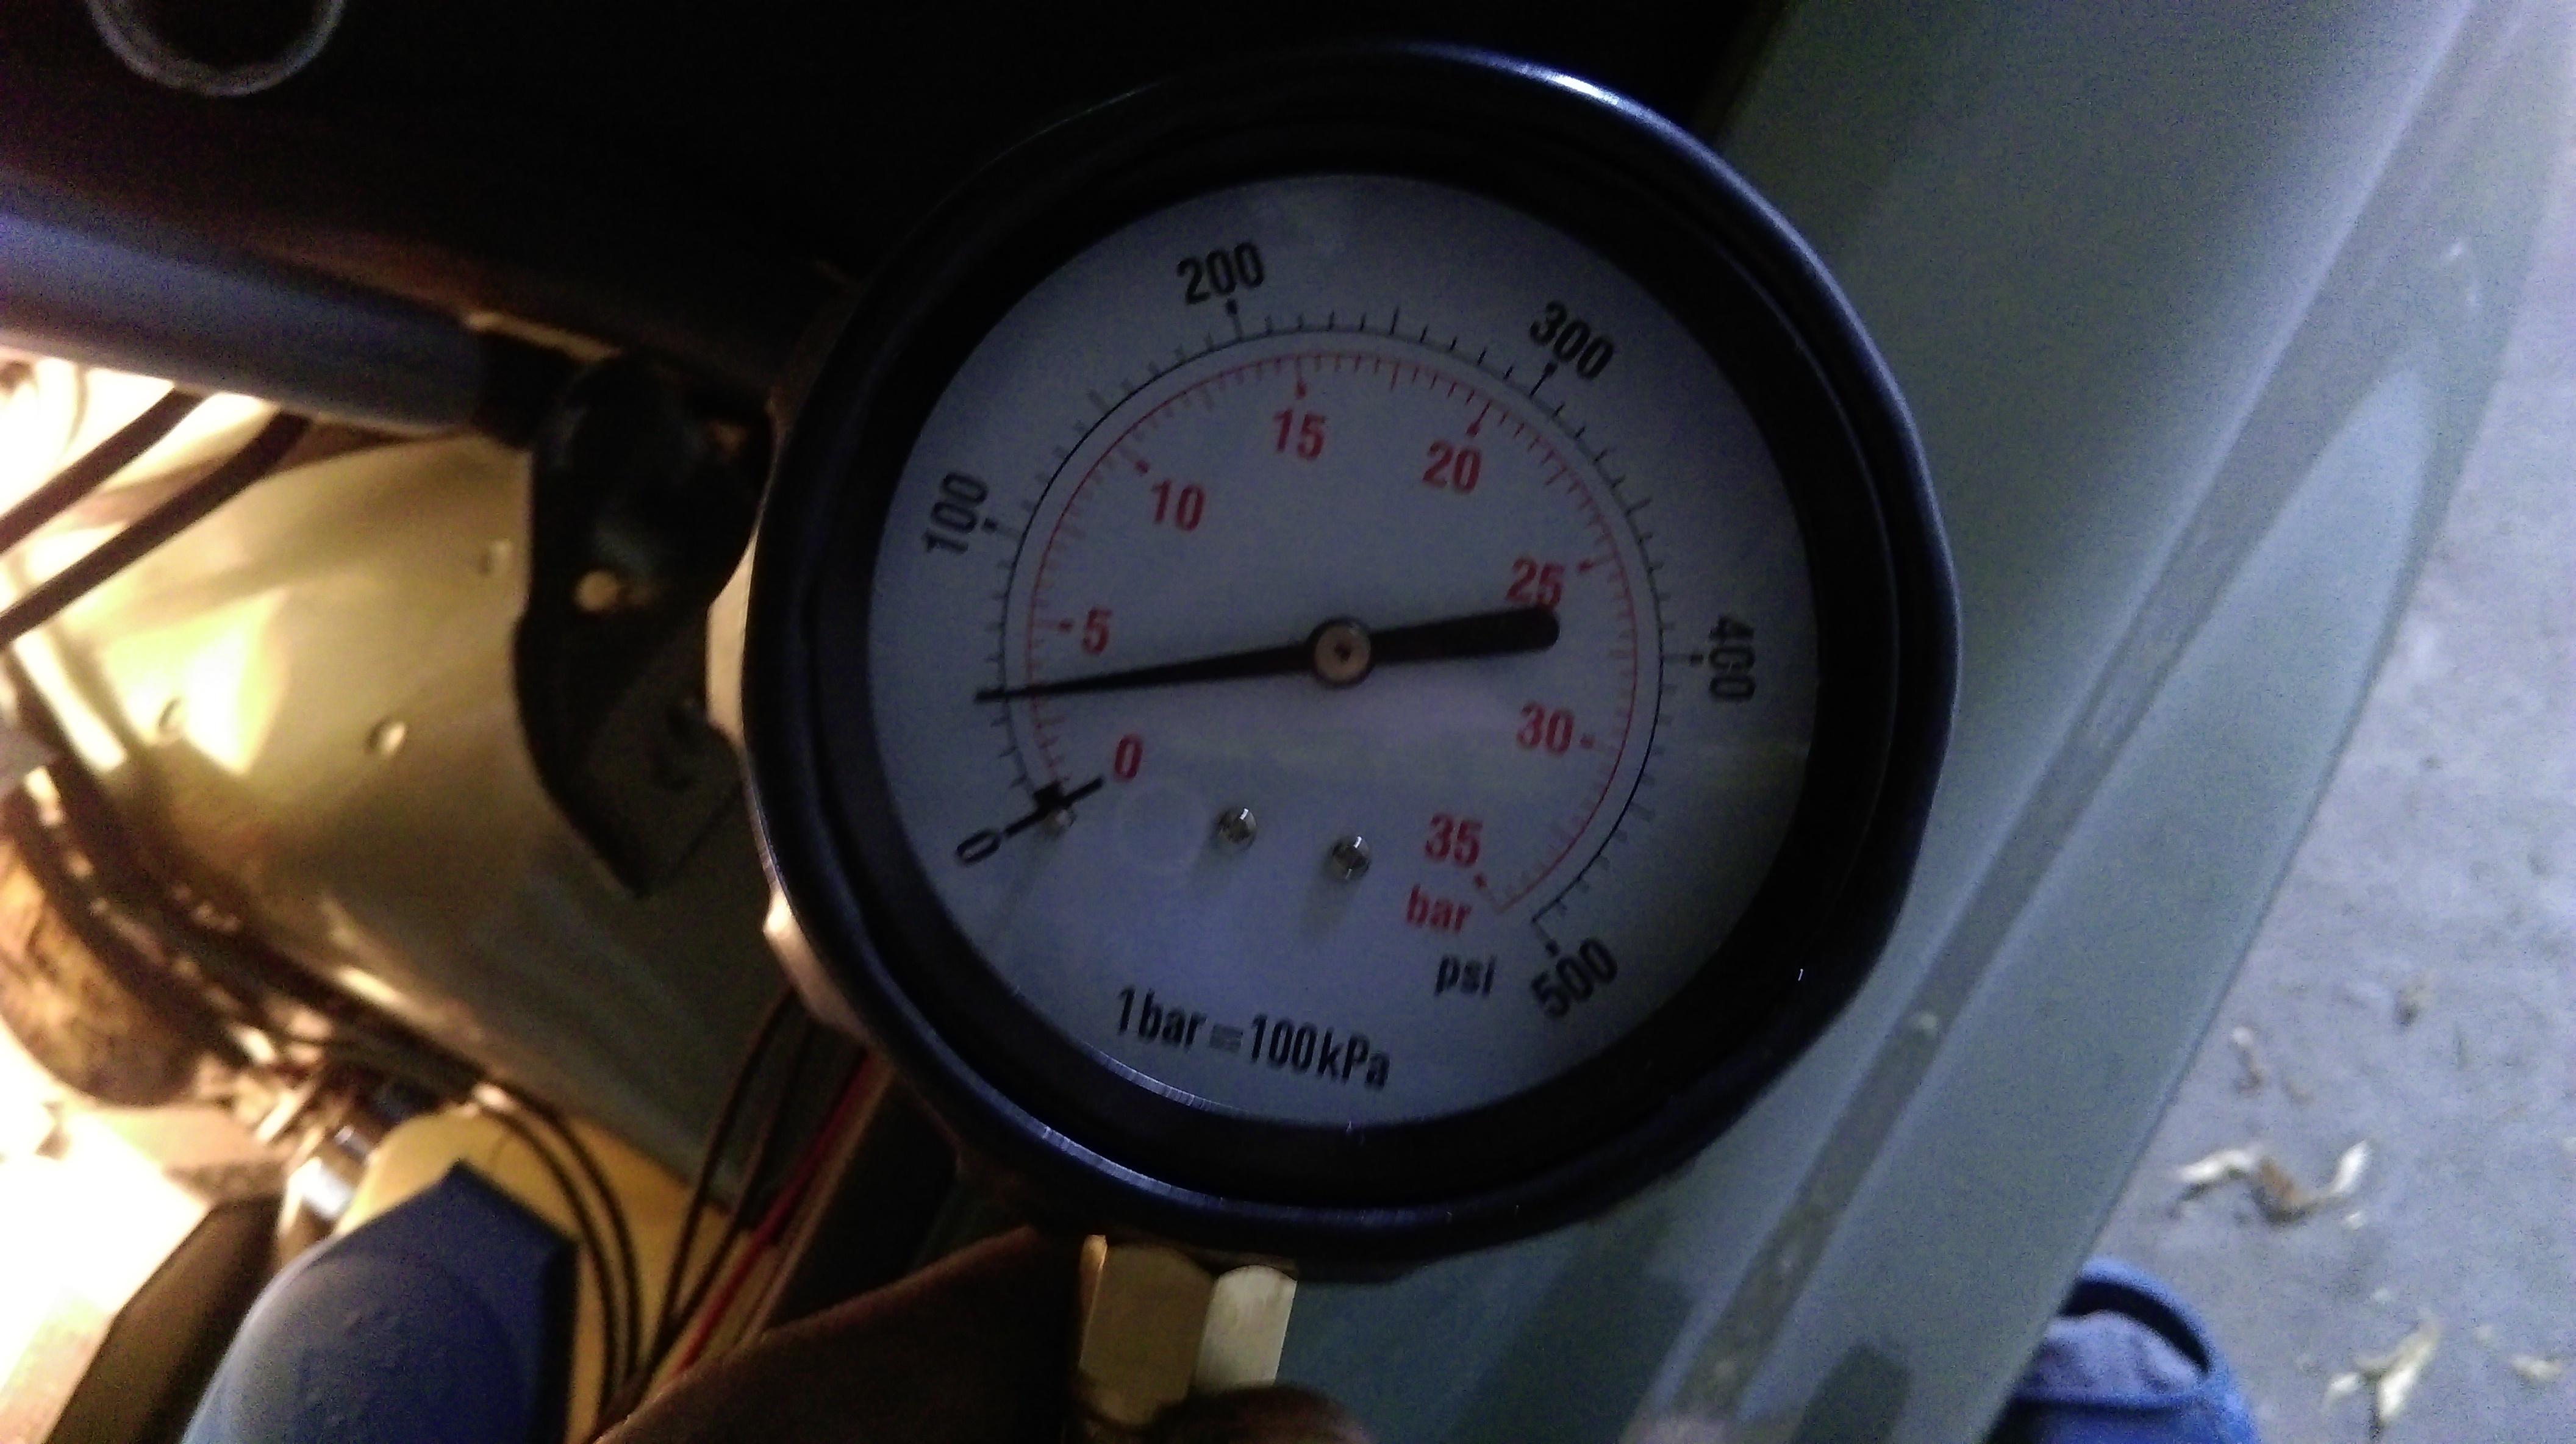 Jakie Powinno Byc Cisnienie Oleju 18t Awt Silnik Skrzynia Biegów